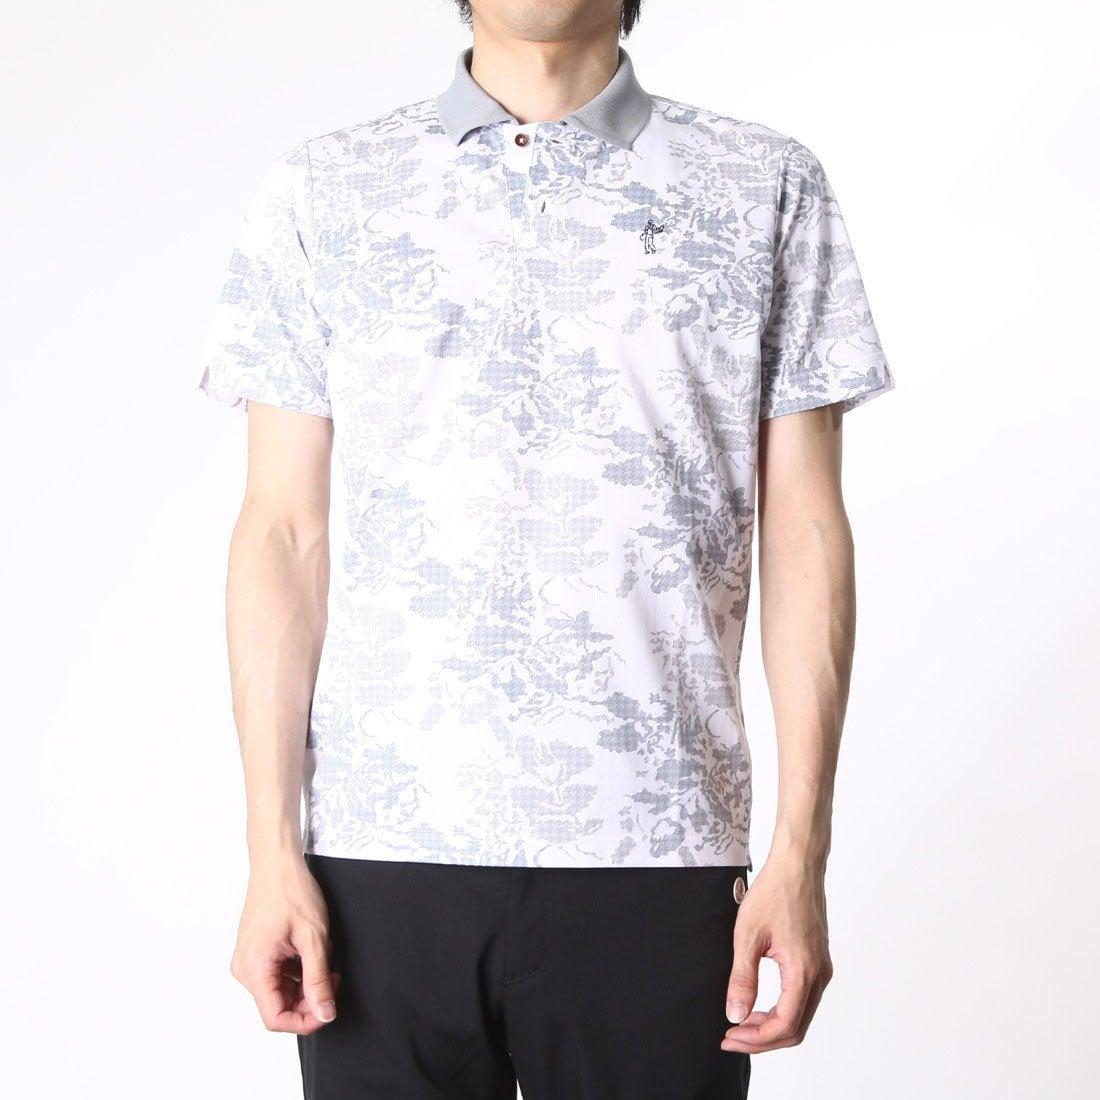 【SALE 66%OFF】【アウトレット】アシュワース ASHWORTH ゴルフシャツ S/S ボタニカルアロマポロ BCK07 (ホワイト) メンズ